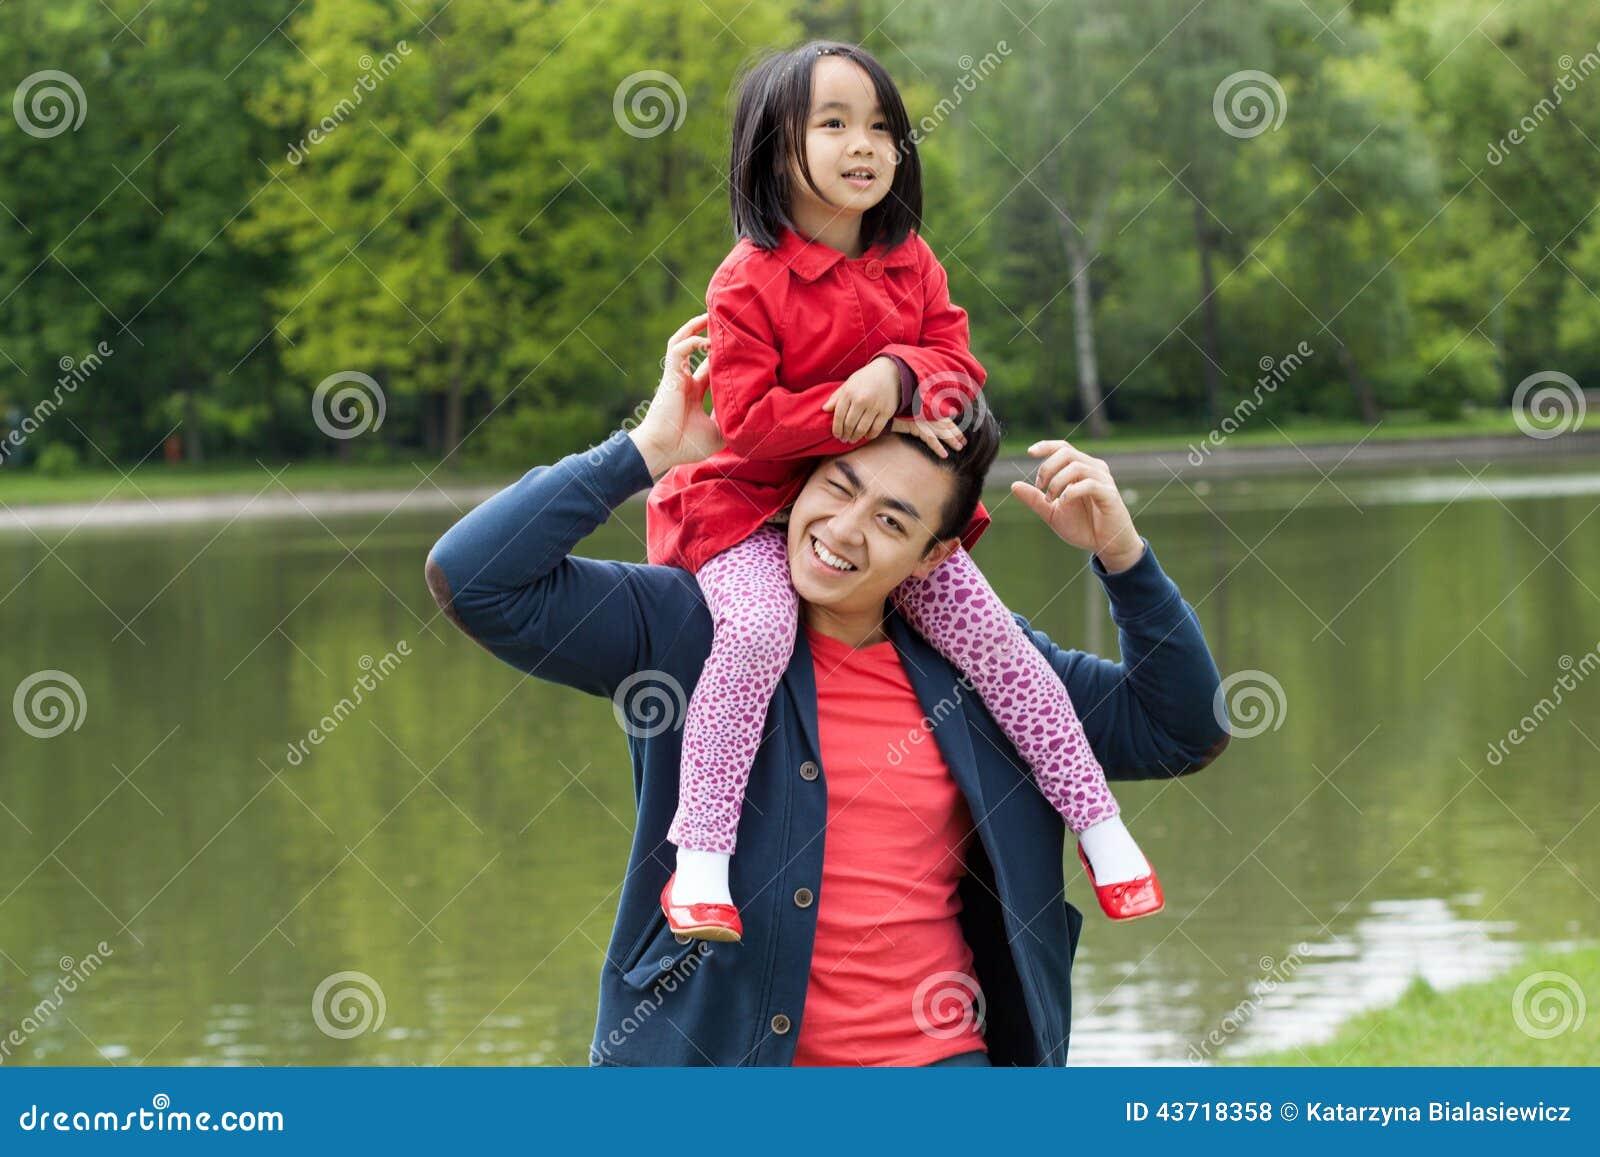 Японские шоу отец и дочь онлайн, Японское порно шоу отец должен отгадать дочь 26 фотография